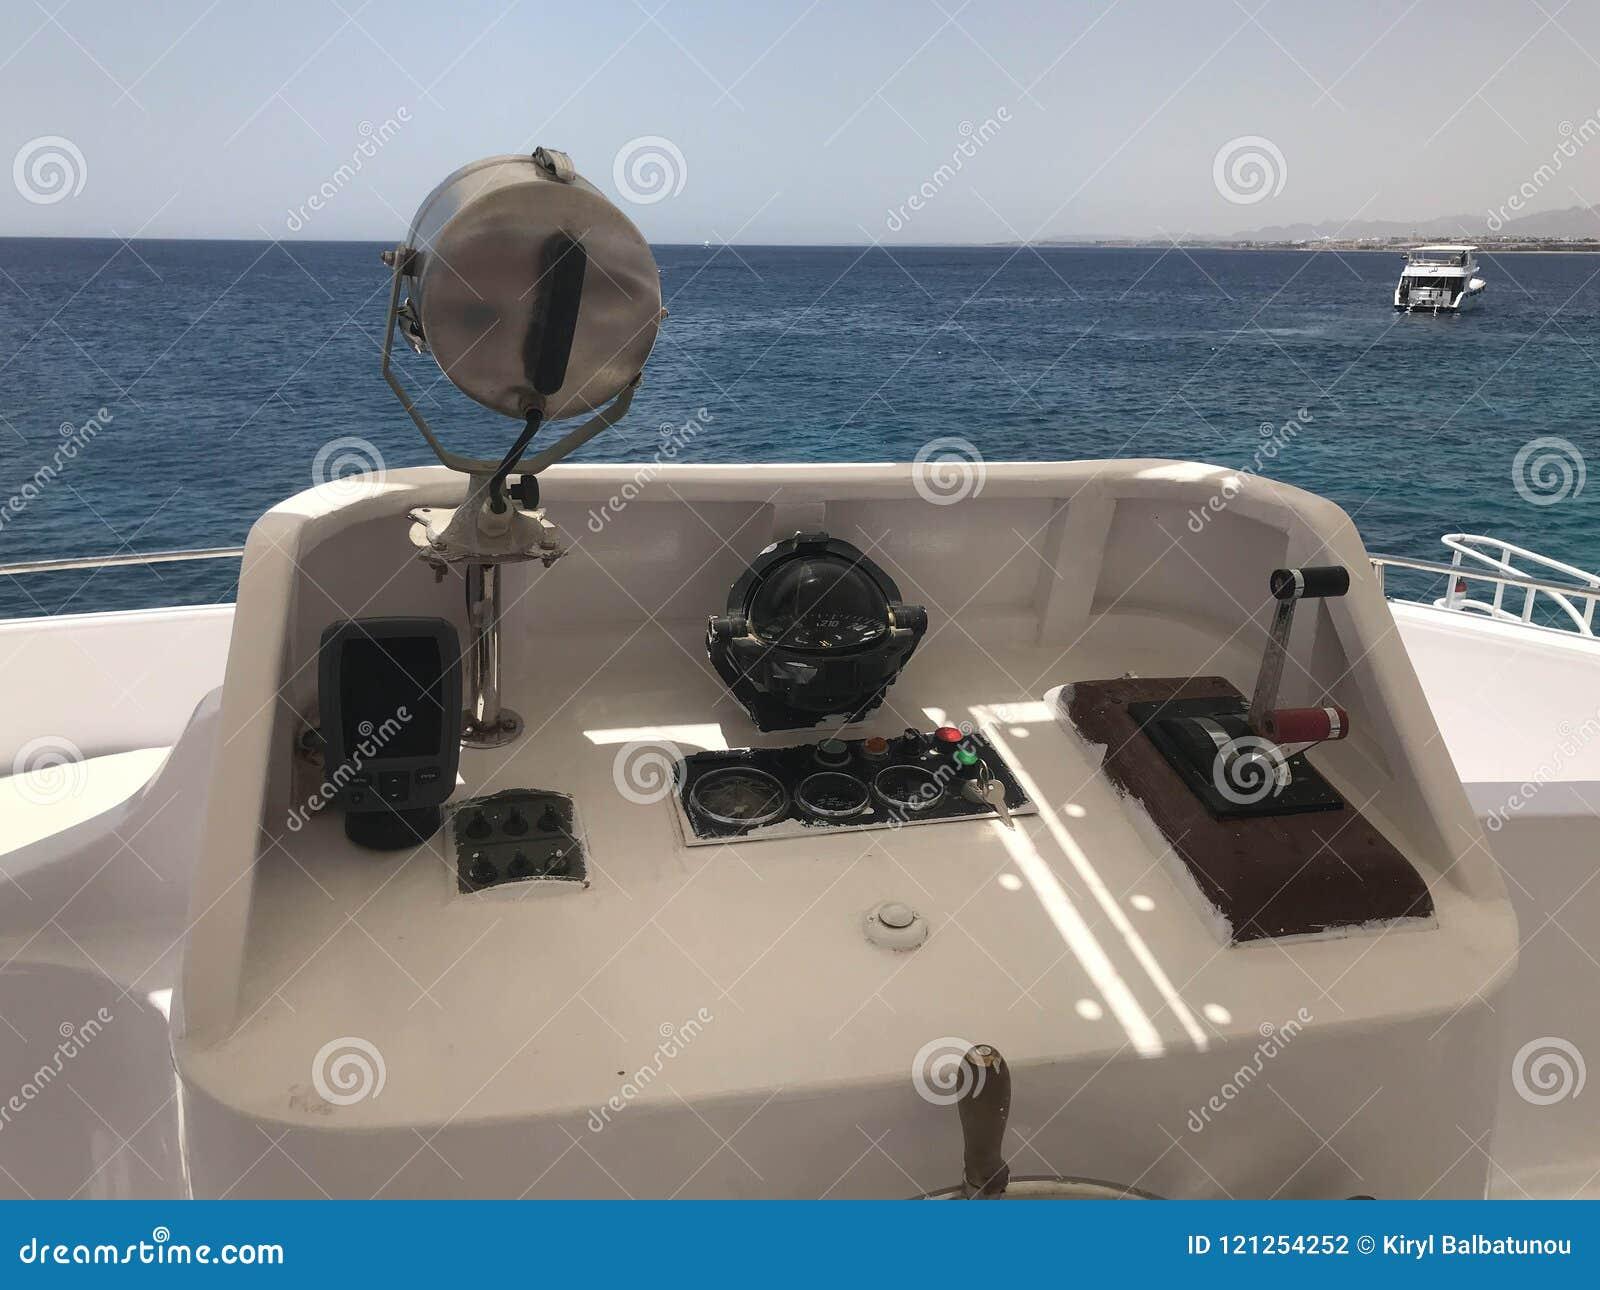 Η καμπίνα καπετάνιου ` s σε ένα carboat, βάρκα, σκάφος της γραμμής κρουαζιέρας με ένα τιμόνι, αντηχεί τον ηχοβολητή, πυξίδα θάλασ